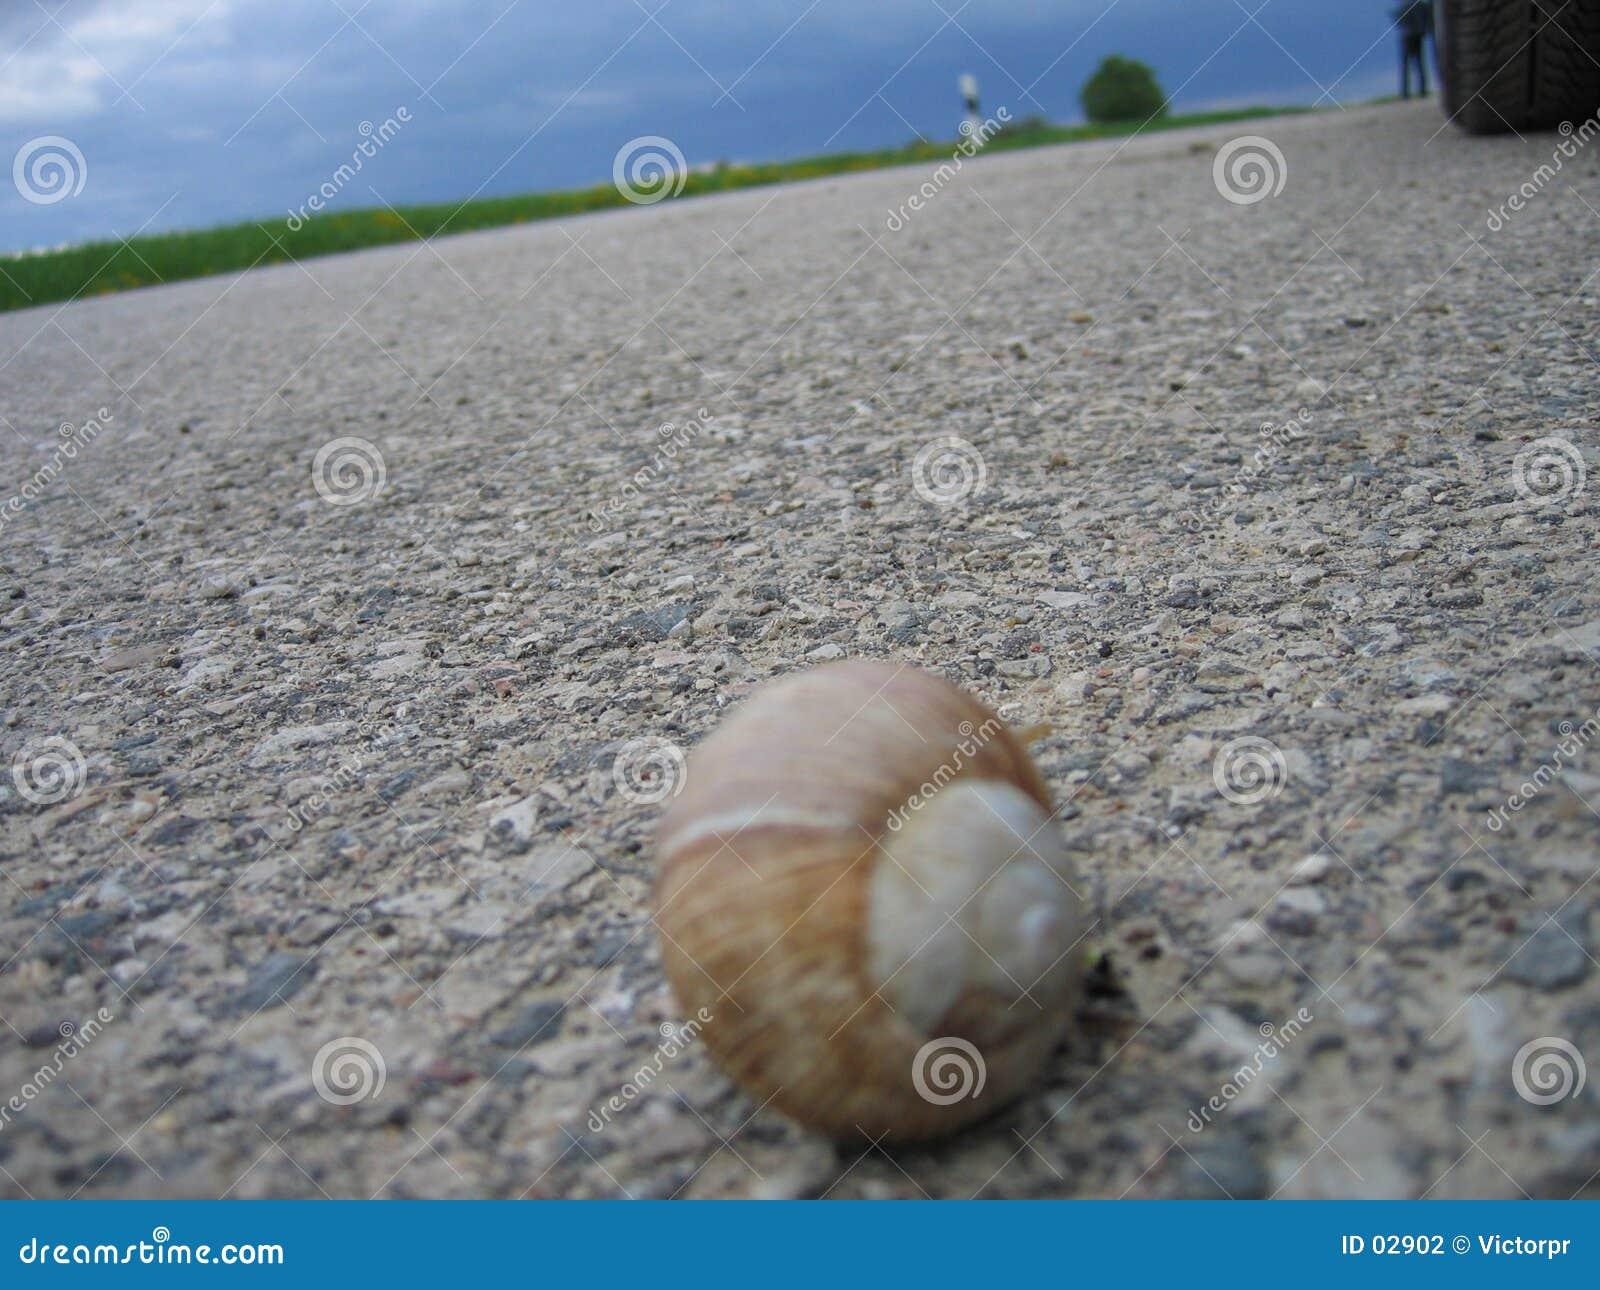 Schnecke auf der Straße